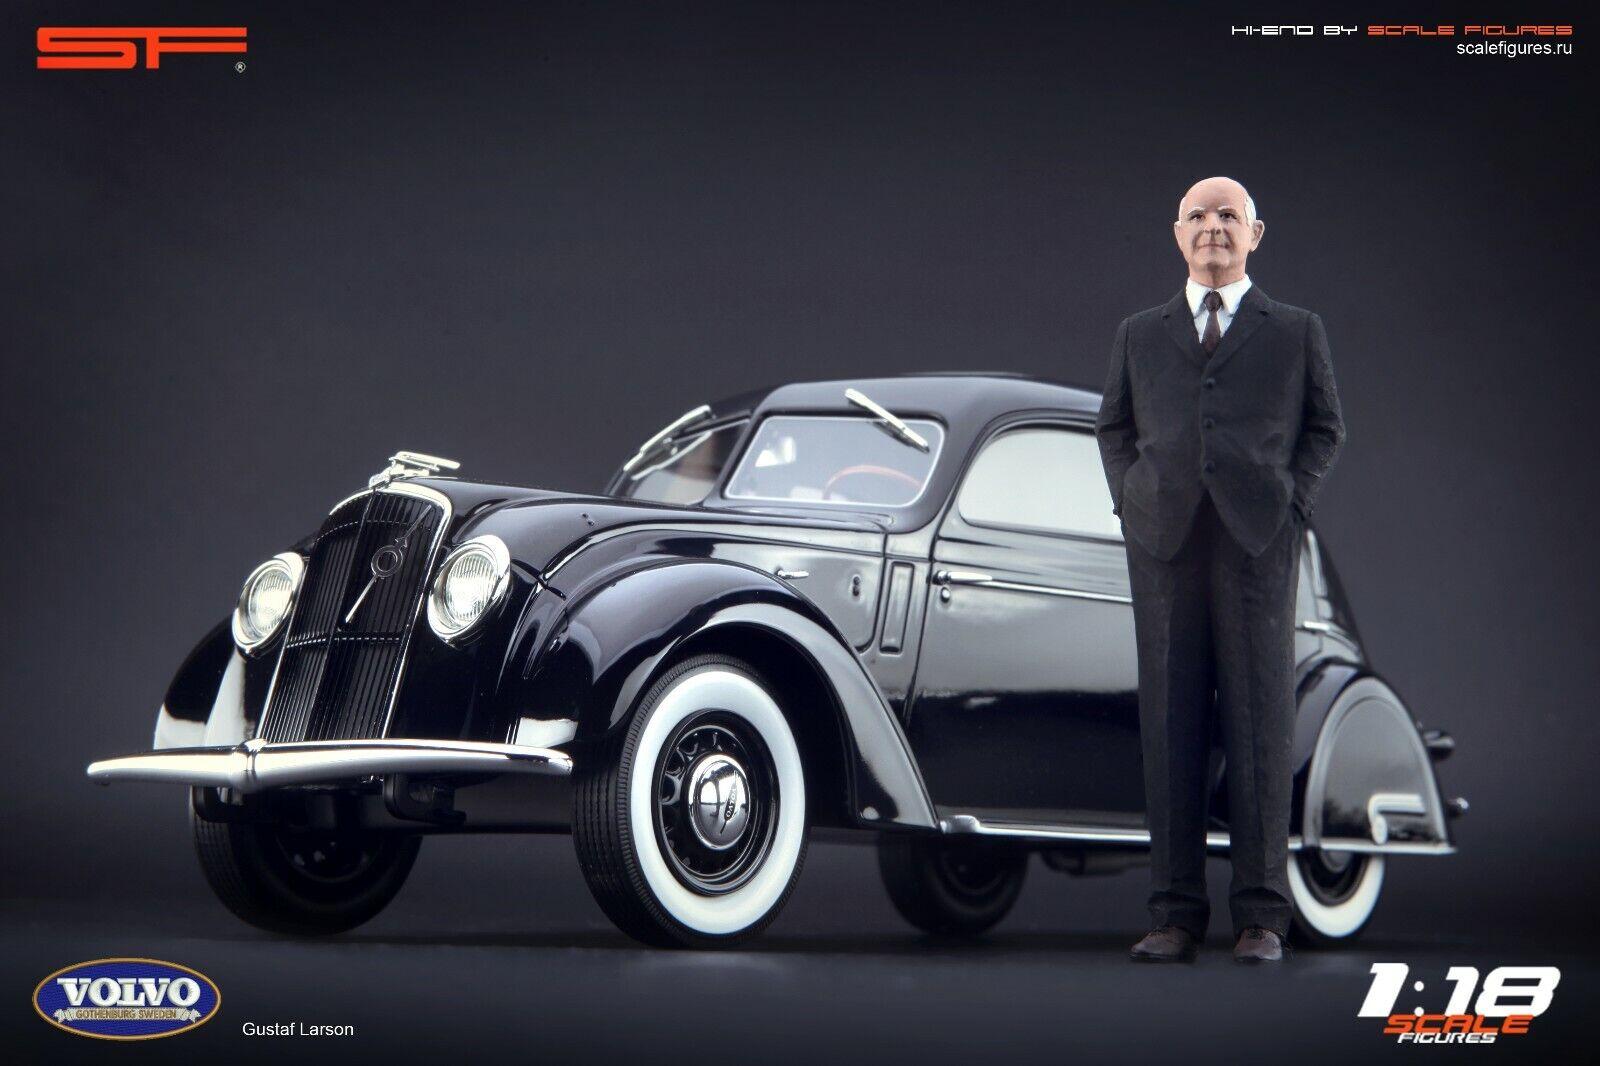 1 18 GUSTAF Larson FIGURINA MOLTO RARO    Nessun auto    Volvo fondatore